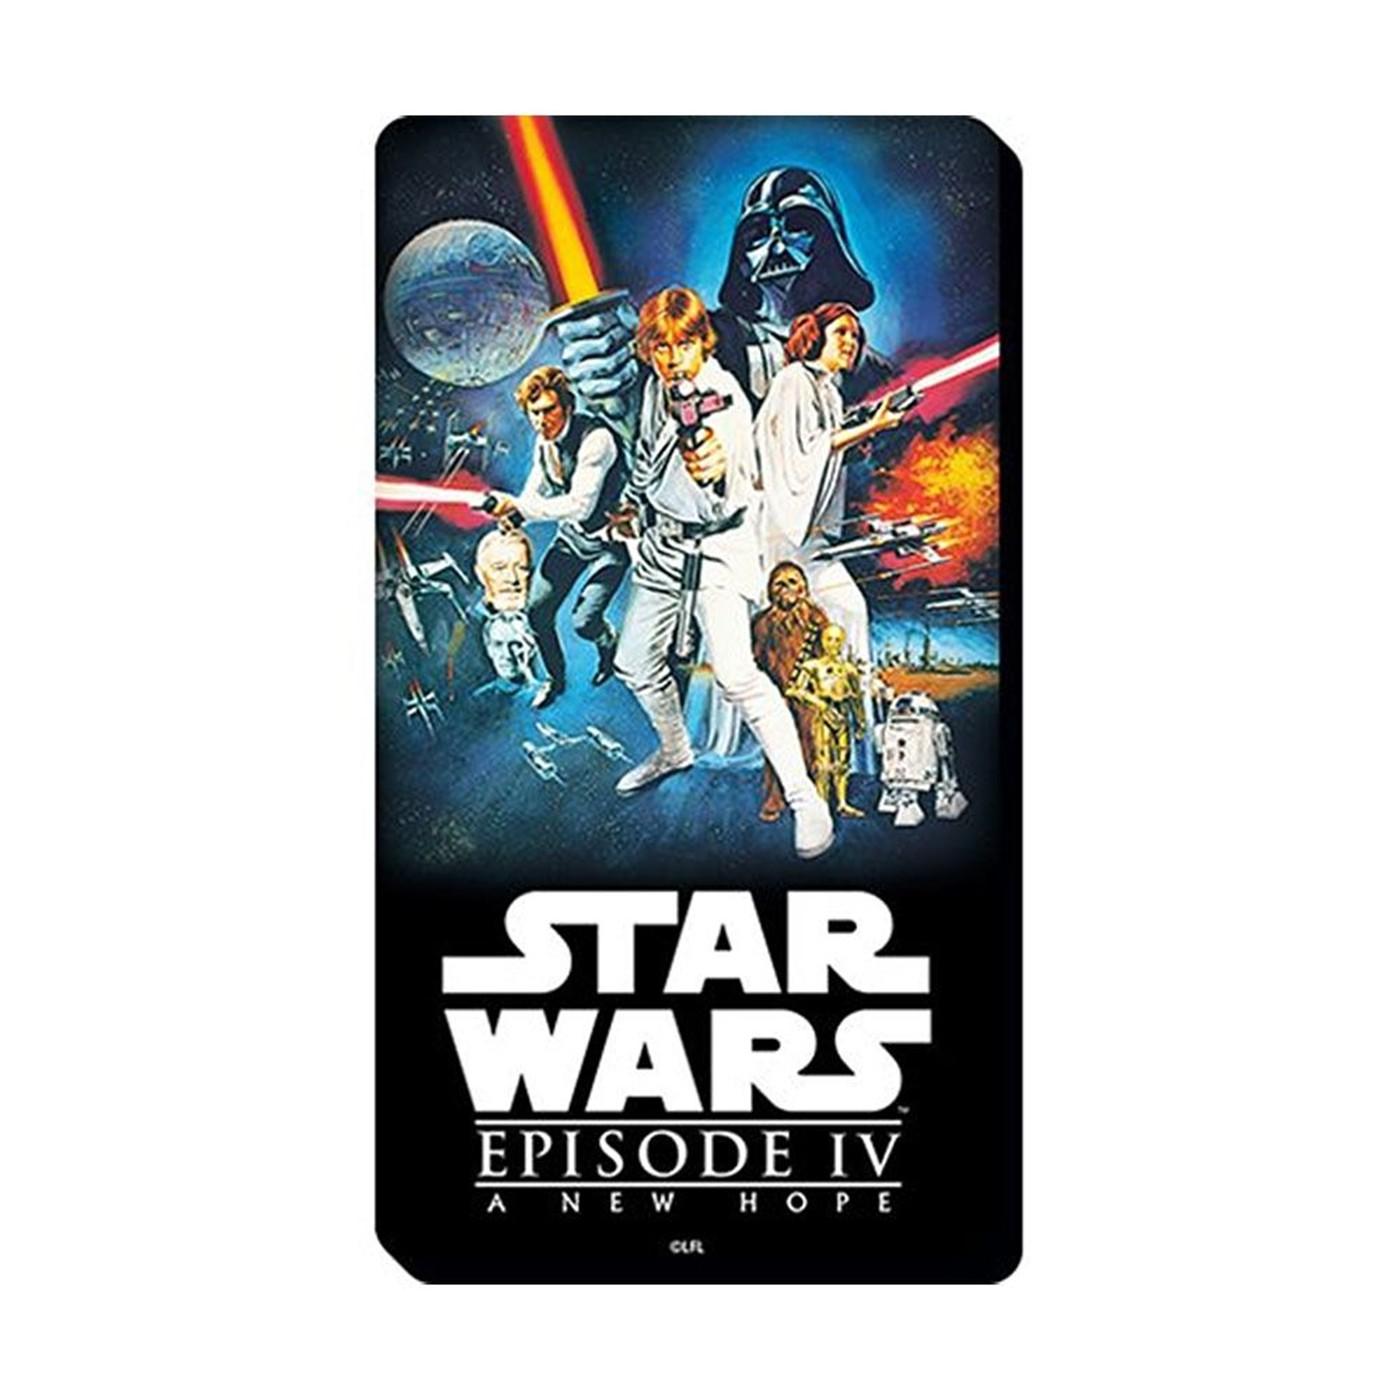 Star Wars Episode IV A New Hope Magnet